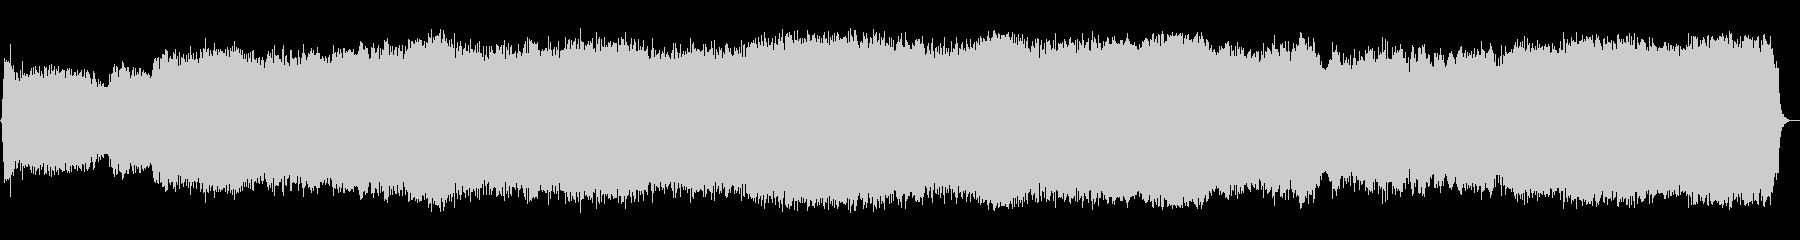 エアホース:動きのある長い圧力解放...の未再生の波形